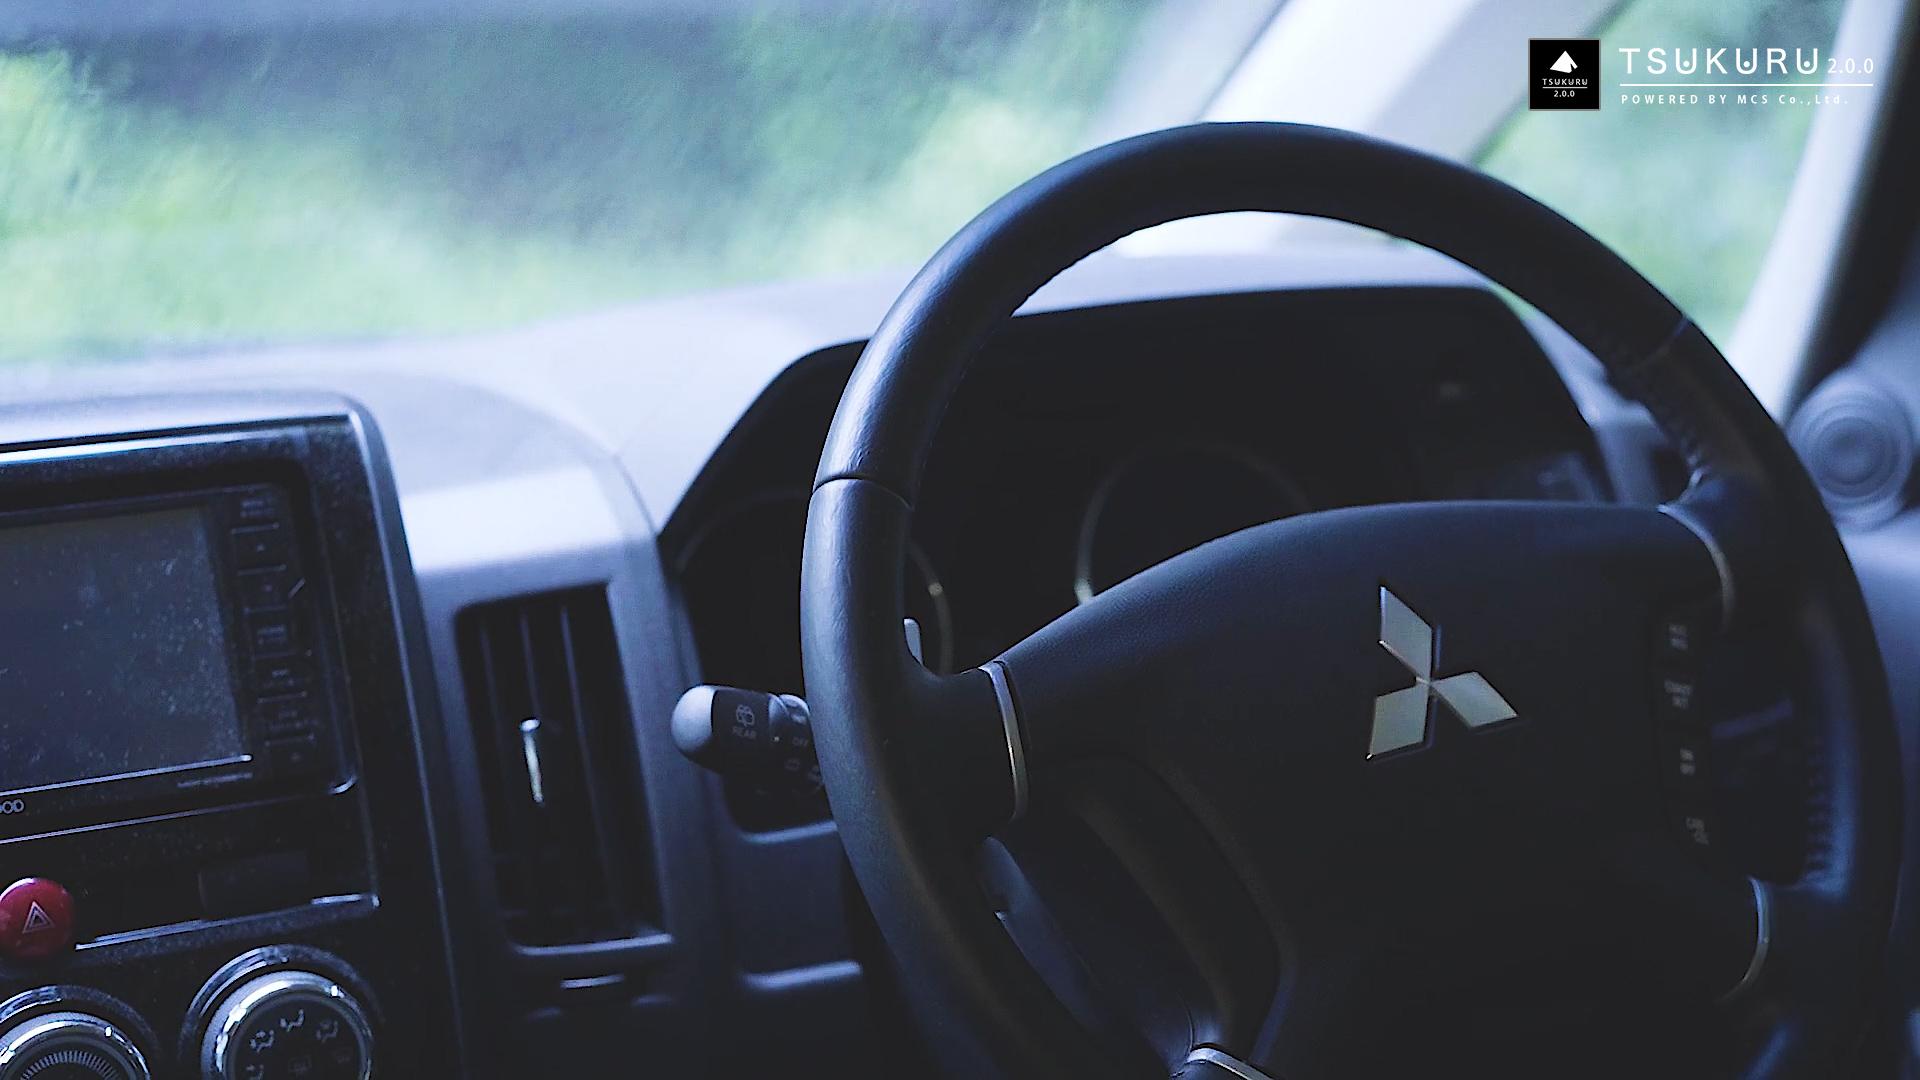 デリカD5の車内で過ごす